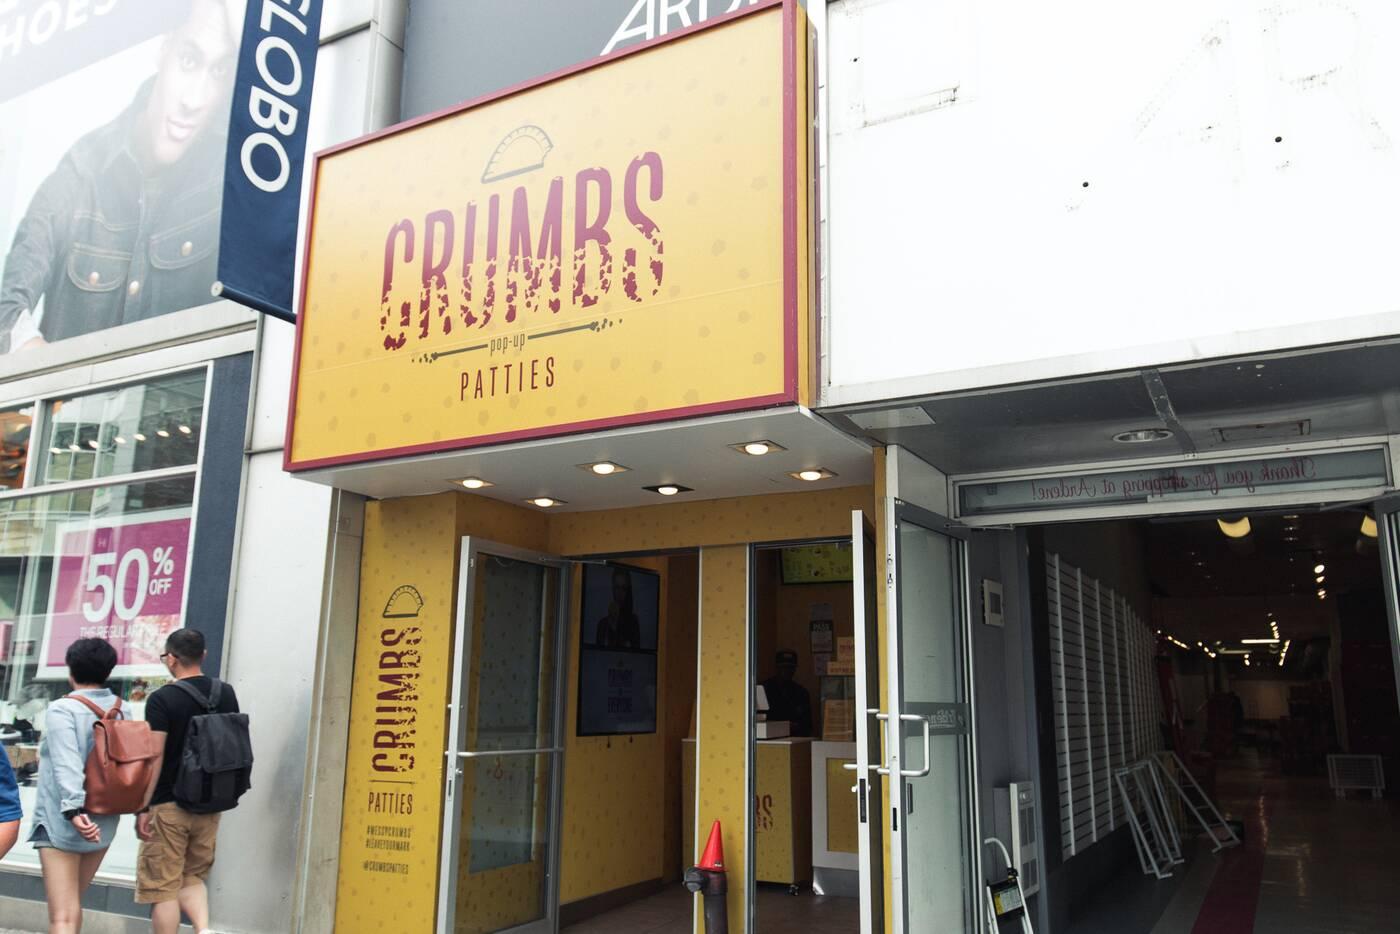 Crumbs Patties Toronto